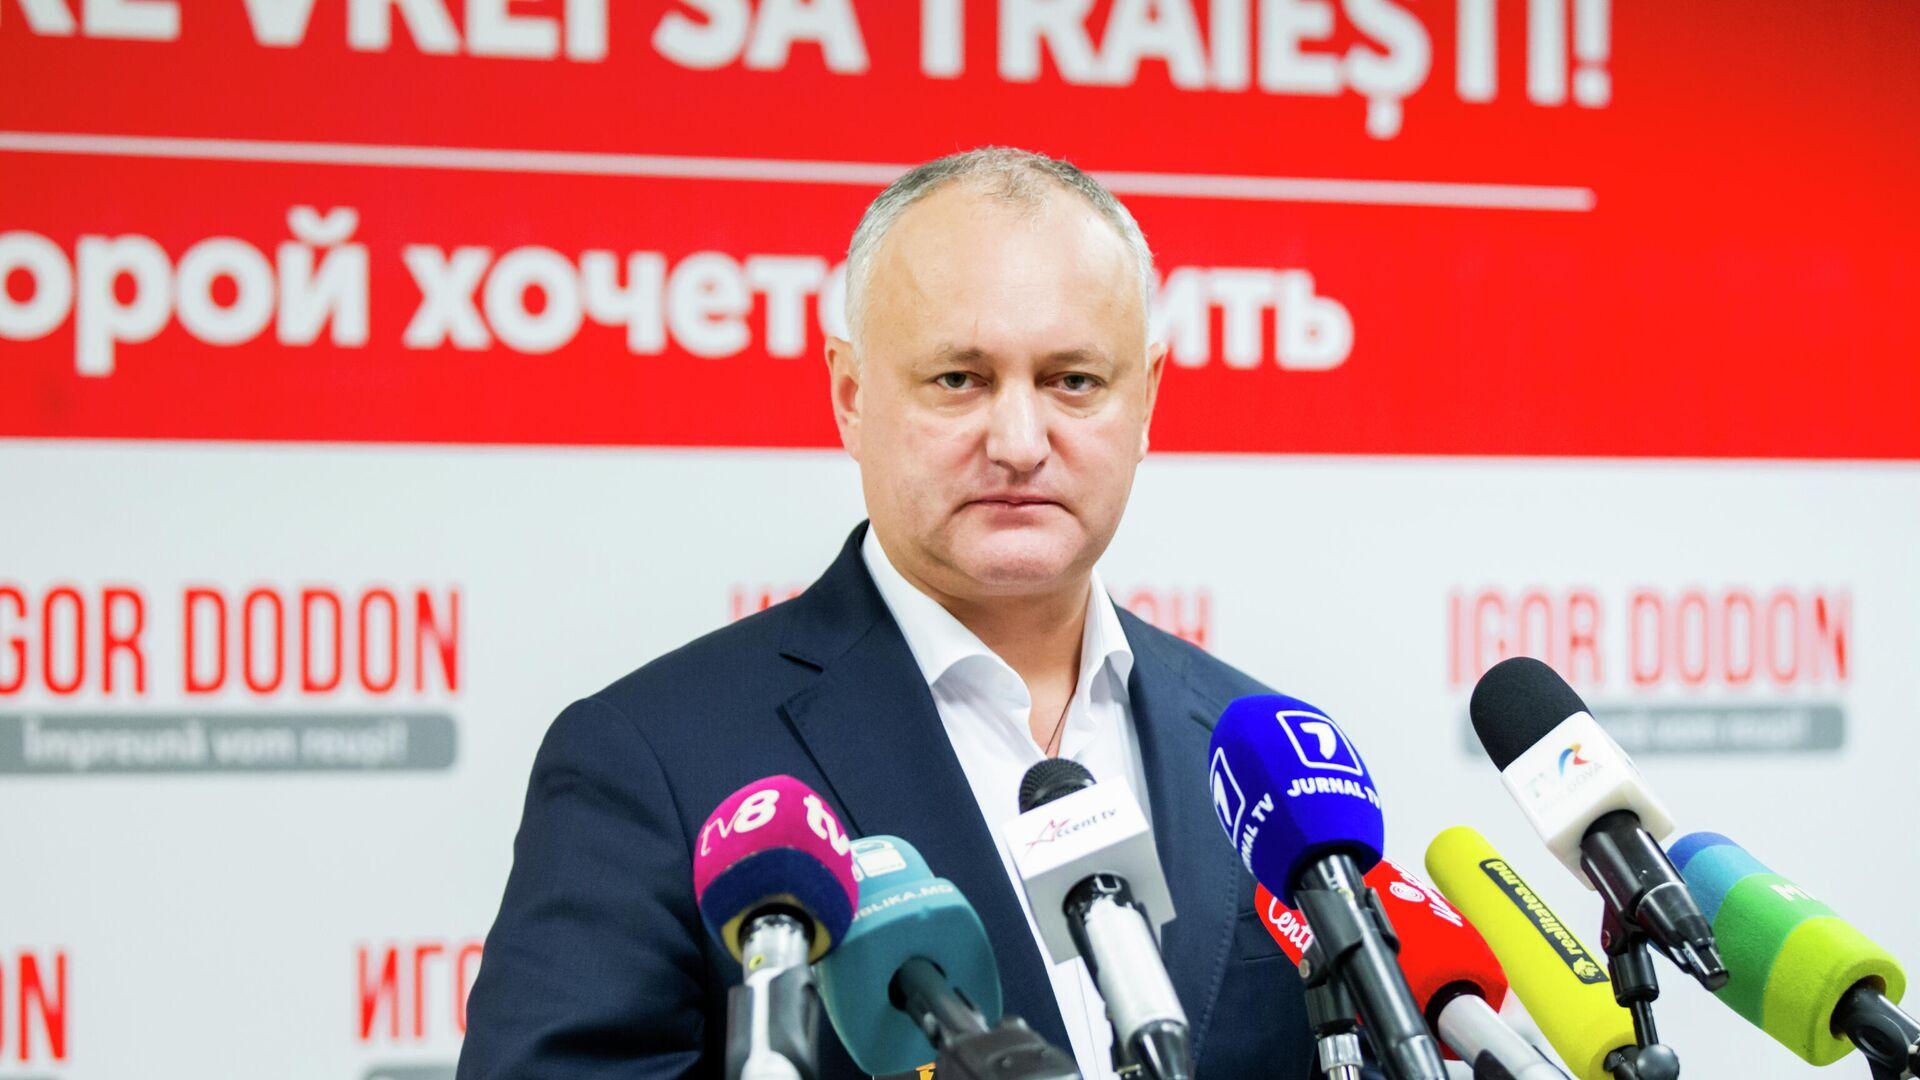 Додон призвал не возвращать гражданство Молдавии экс-президенту Румынии